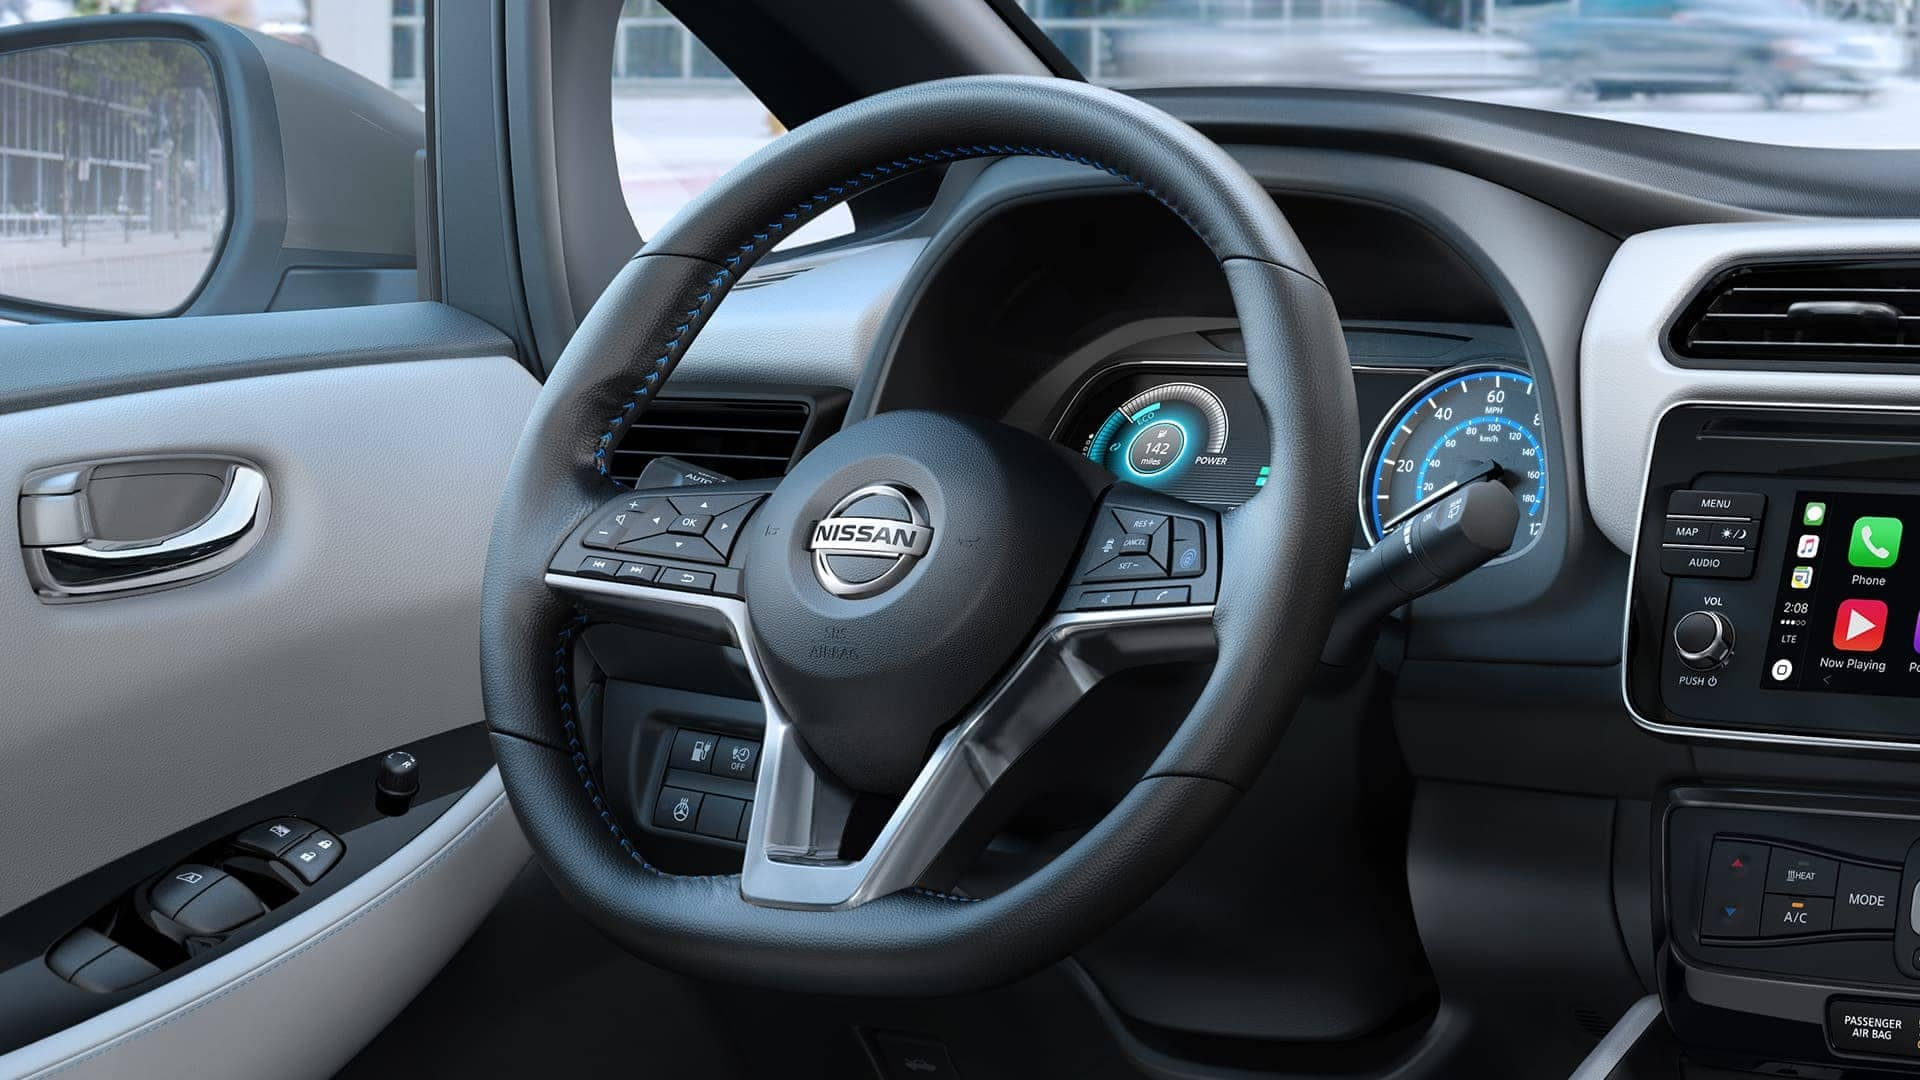 2019 Nissan Leaf Steering Wheel